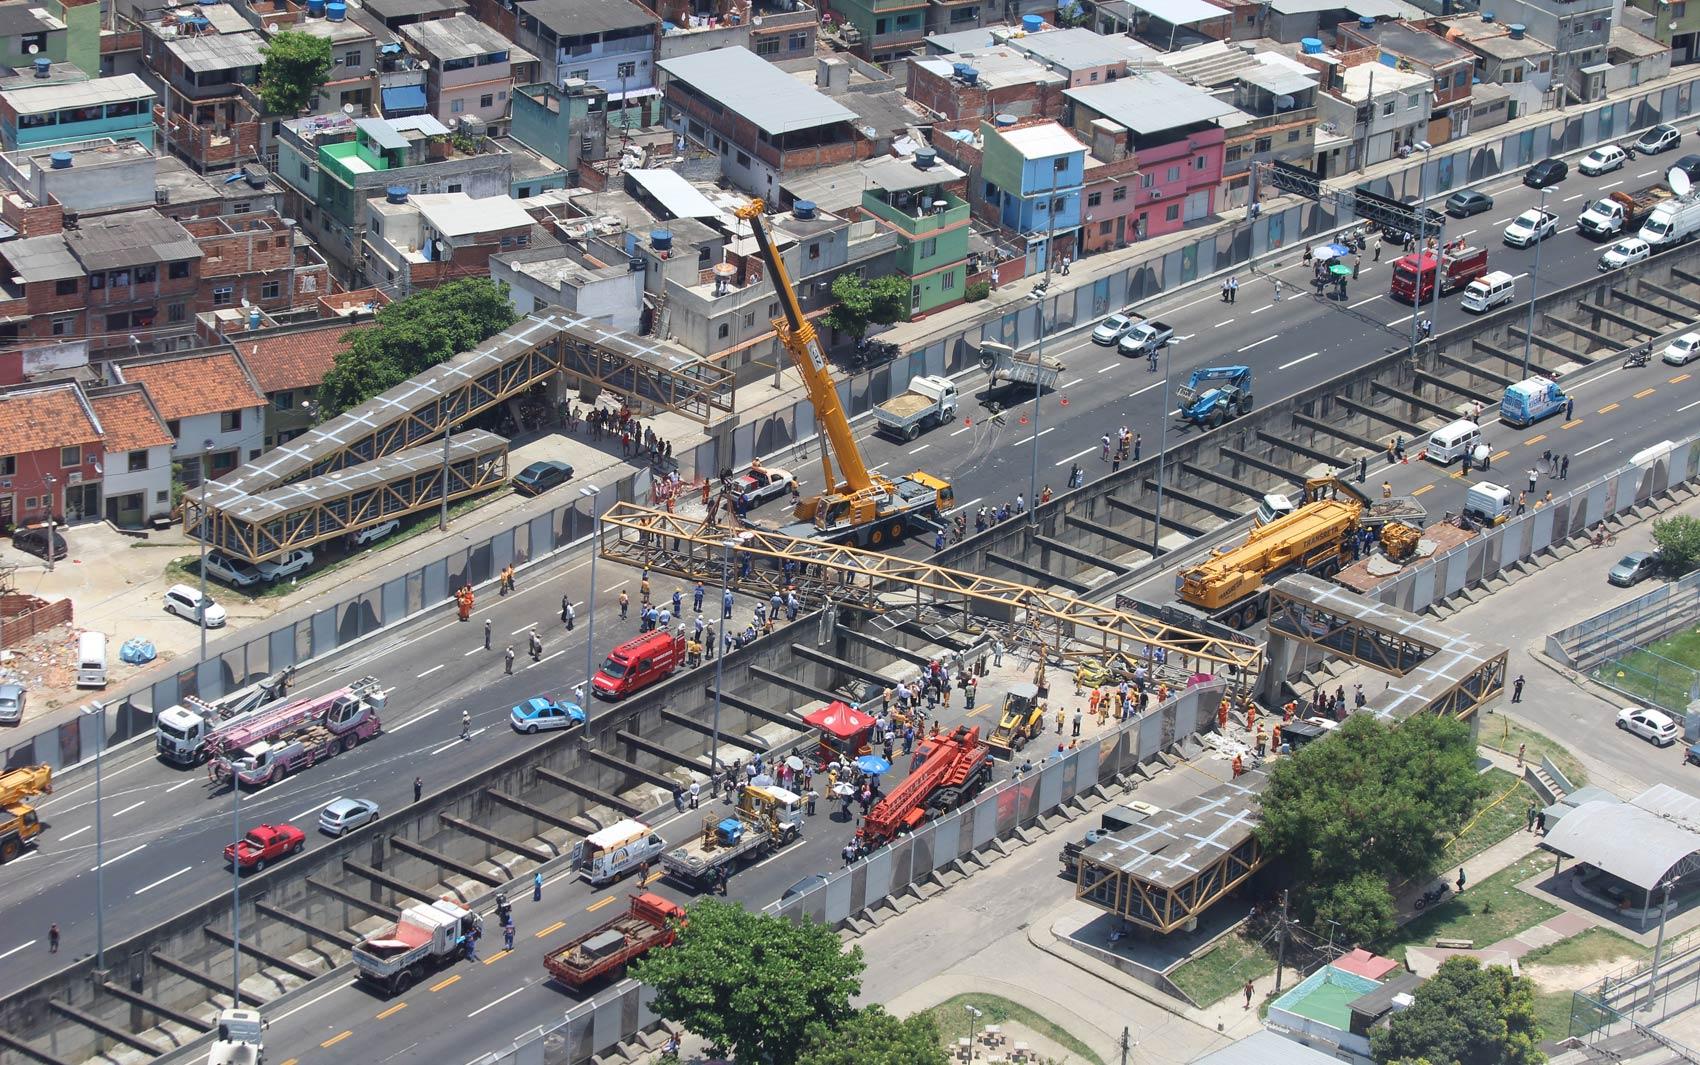 Imagem aérea mostra gruas sendo usadas para retirar a estrutura da passarela e os veículos atingidos das pistas da Linha Amarela